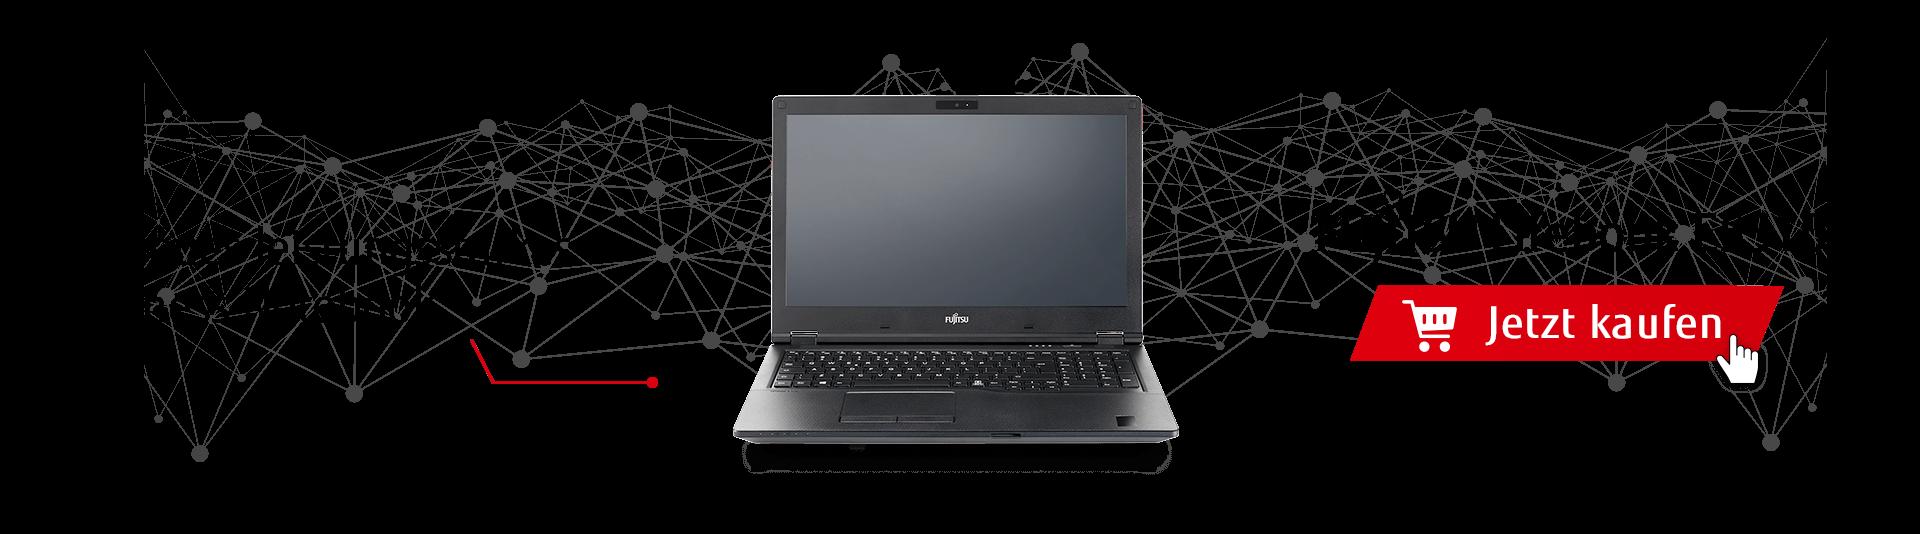 Ihr neues leistungsstarkes Business Notebook - Fujitsu Lifebook E5510